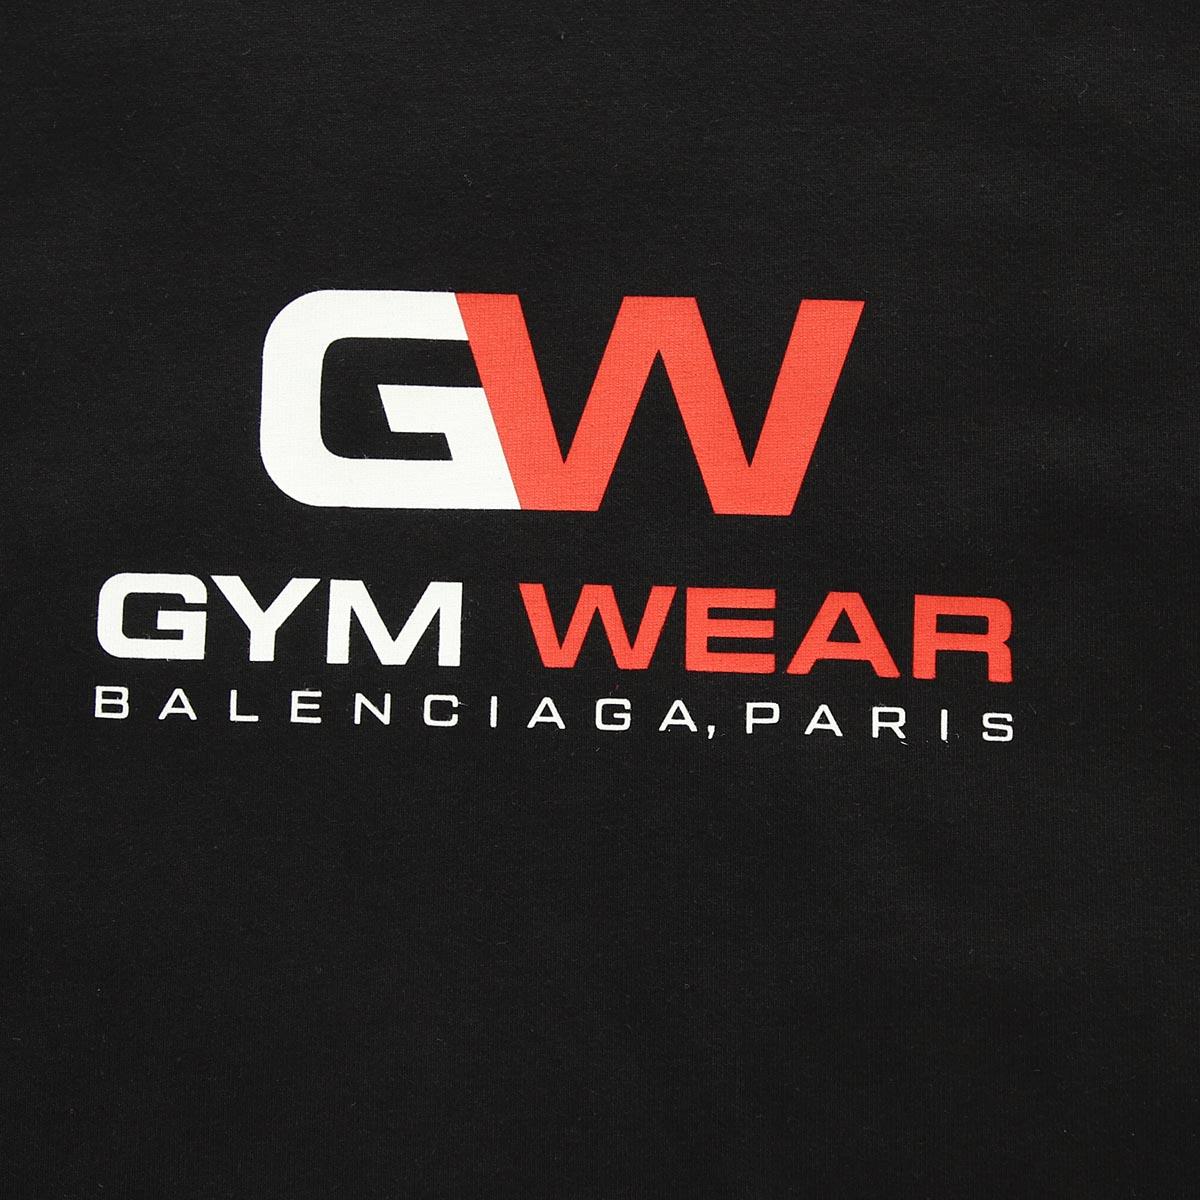 【大感謝祭】【アウトレット】BALENCIAGA バレンシアガ クルーネックTシャツ/GYM WEAR レディース